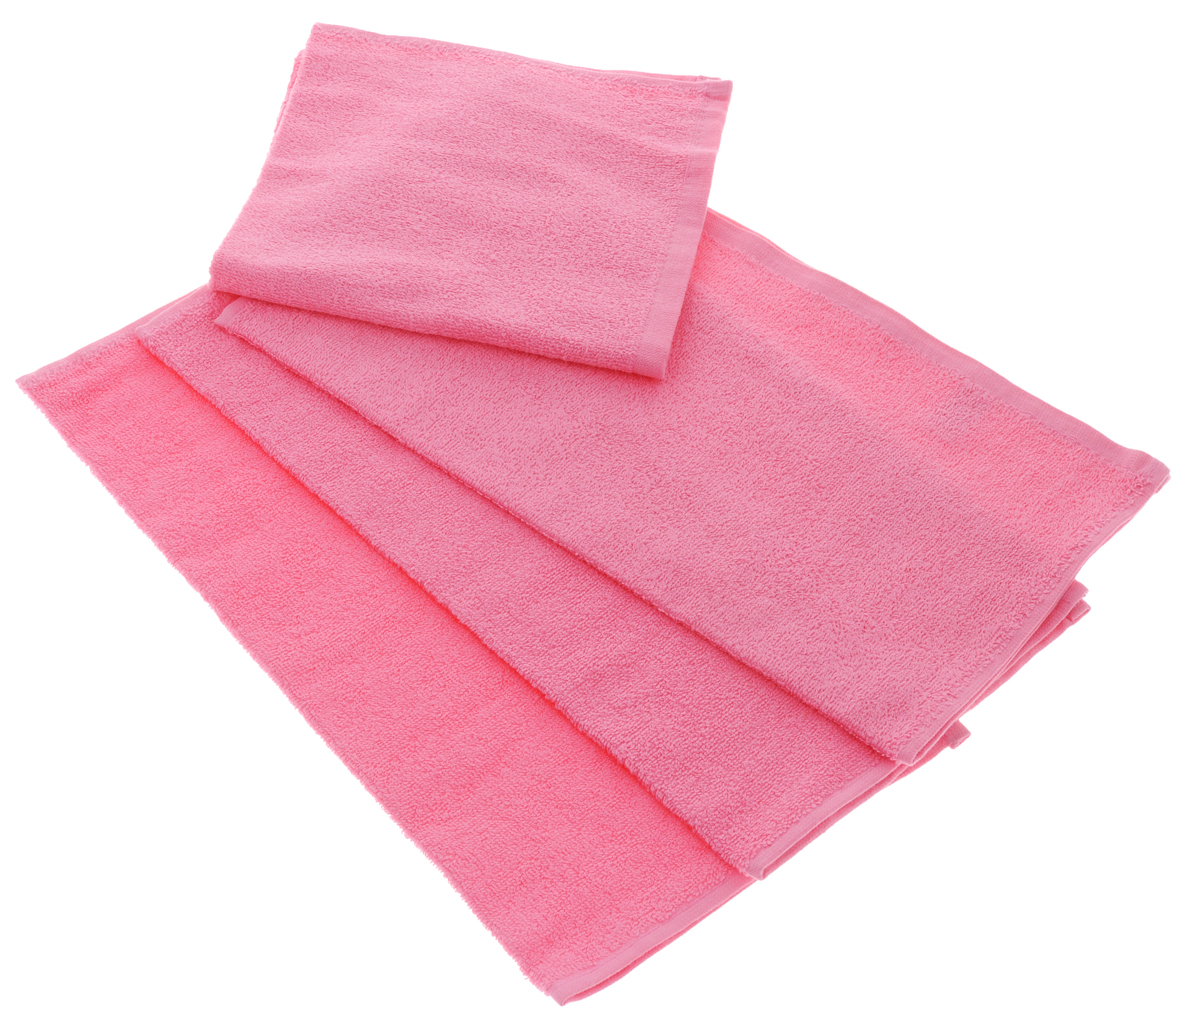 """Набор махровых полотенец """"Aisha Home Textile"""", цвет: розовый, 40 х 40 см, 4 шт"""